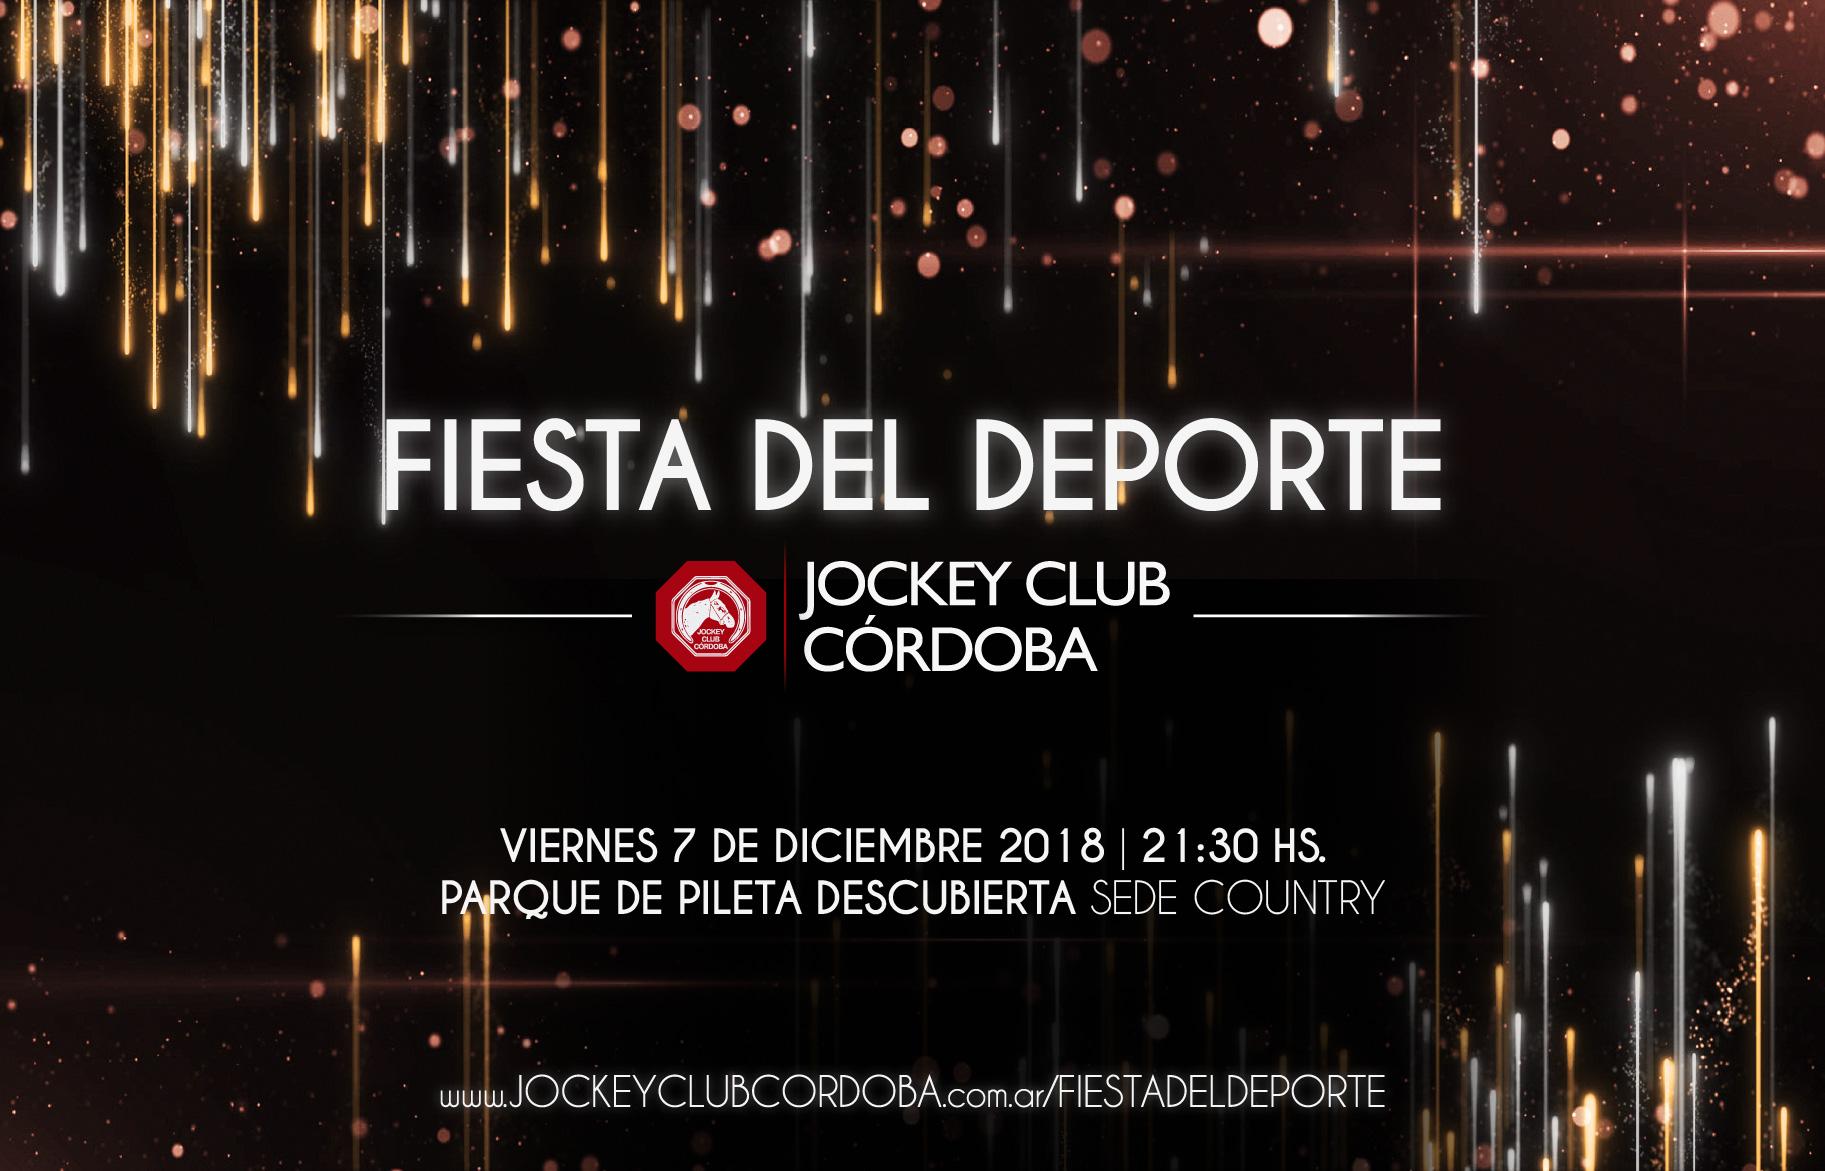 Viernes 7 De Diciembre Fiesta Del Deporte Jockey Club Córdoba 2018